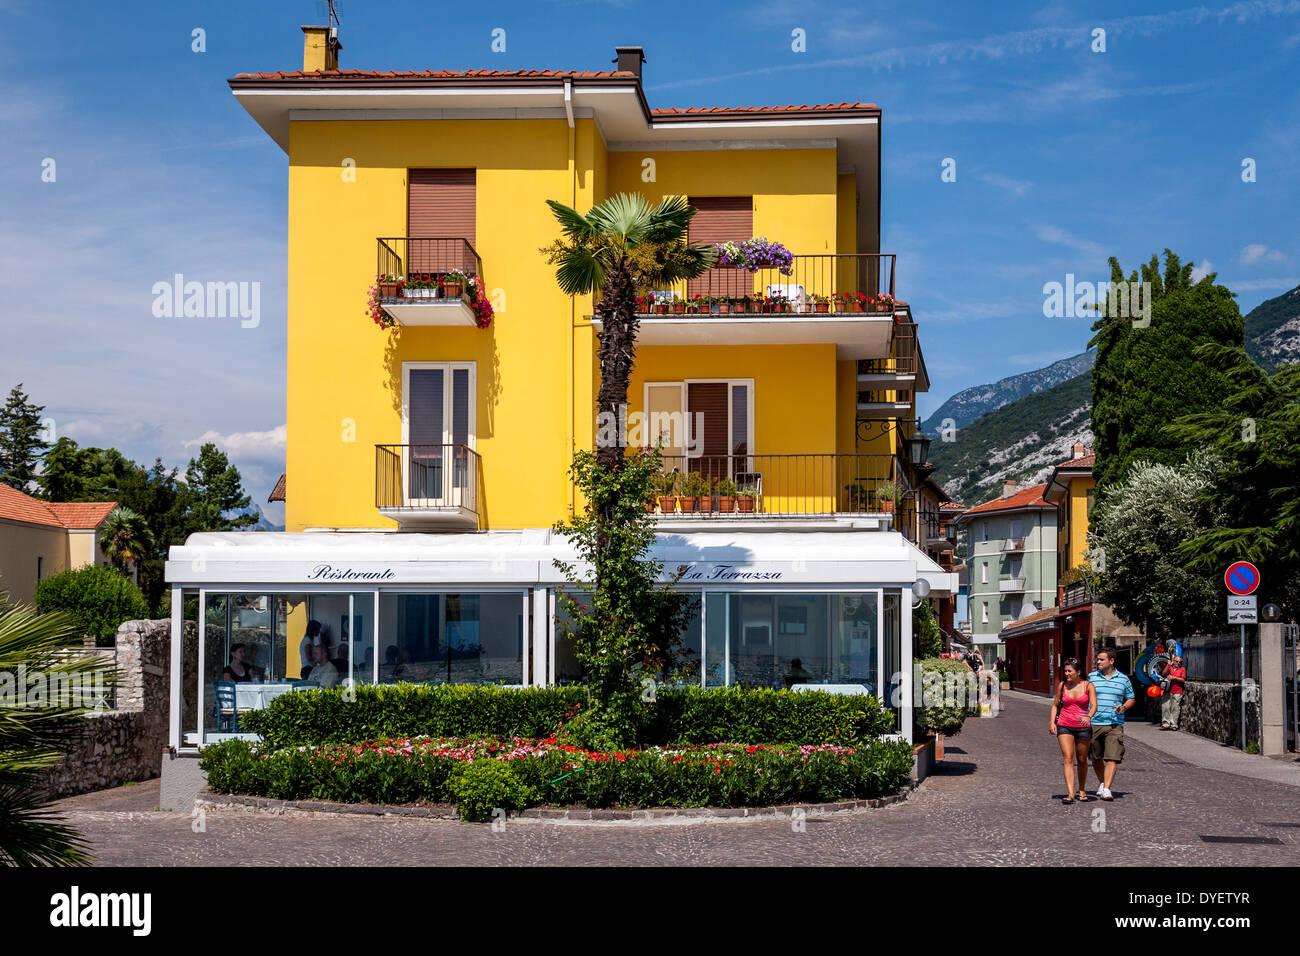 Caffe Italiano Stockfotos & Caffe Italiano Bilder - Alamy